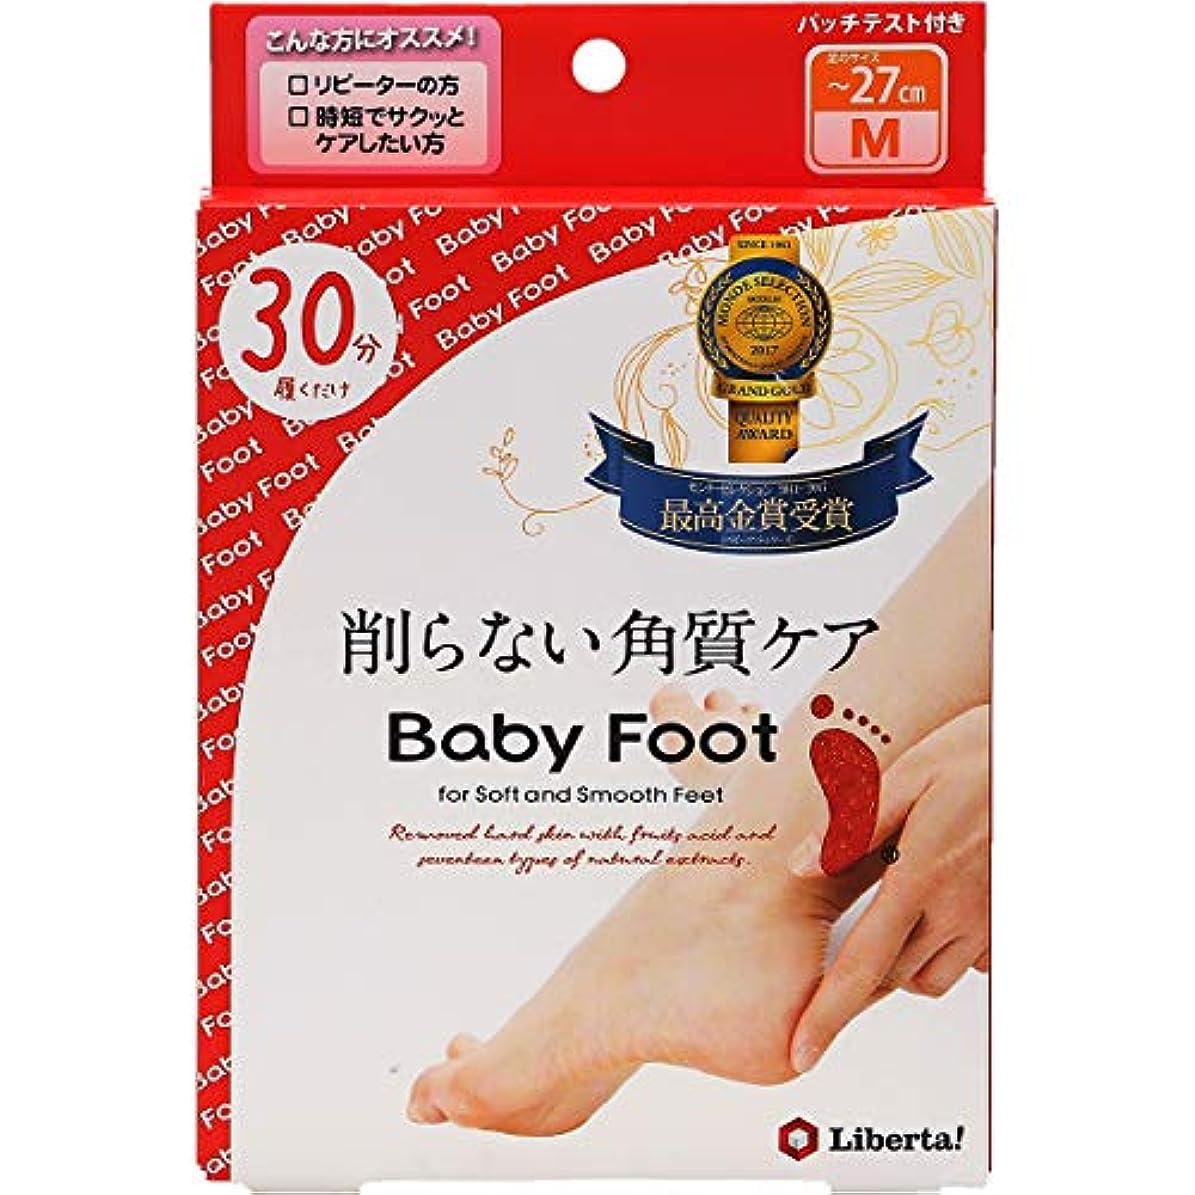 支援する遠足動機付けるベビーフット (Baby Foot) ベビーフット イージーパック30分タイプ Mサイズ 単品